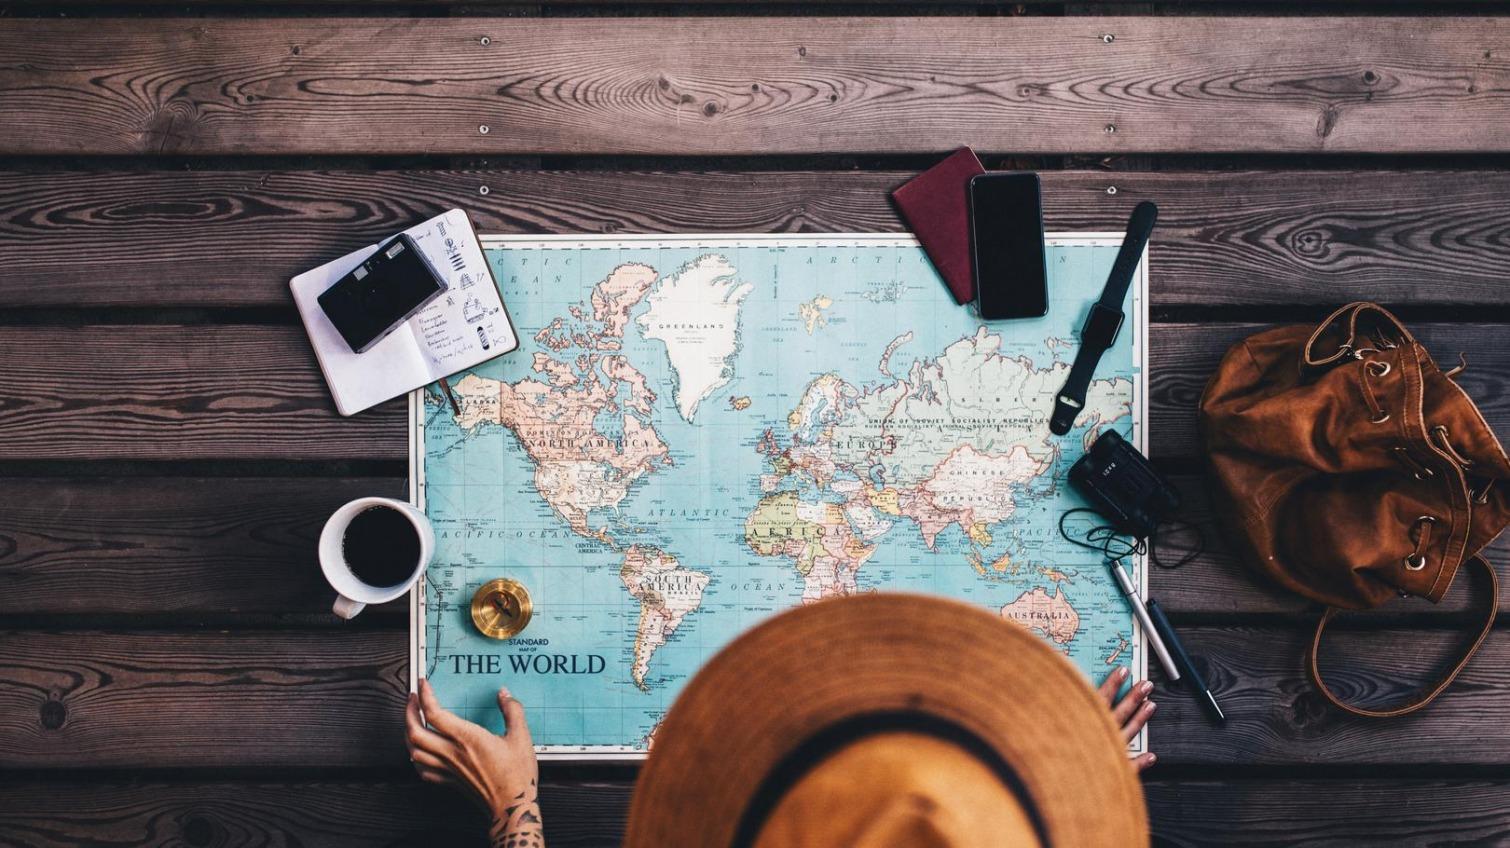 В 2021 году уже более 2 миллионов украинцев побывали за границей: топ направлений «фото»